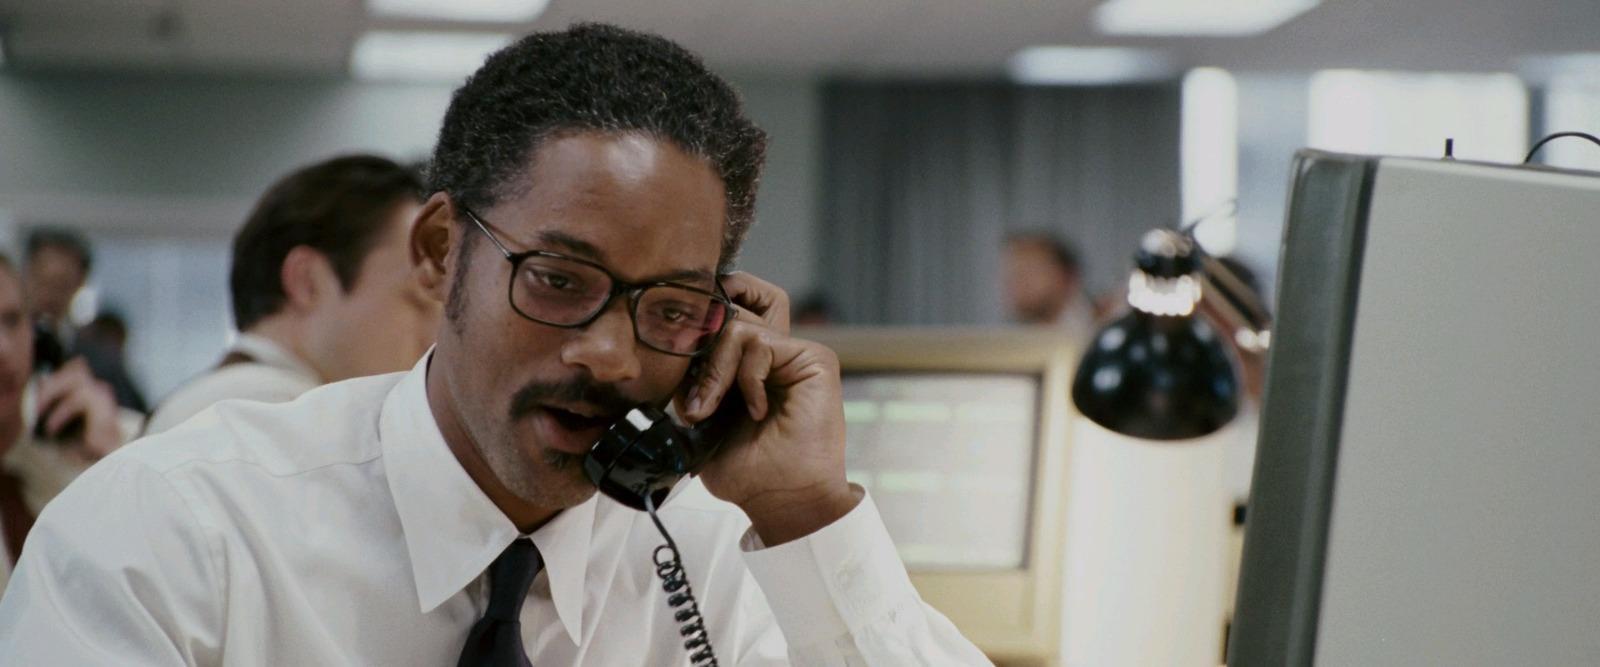 homem de camisa branca e gravata preta usando óculos falando ao telefone